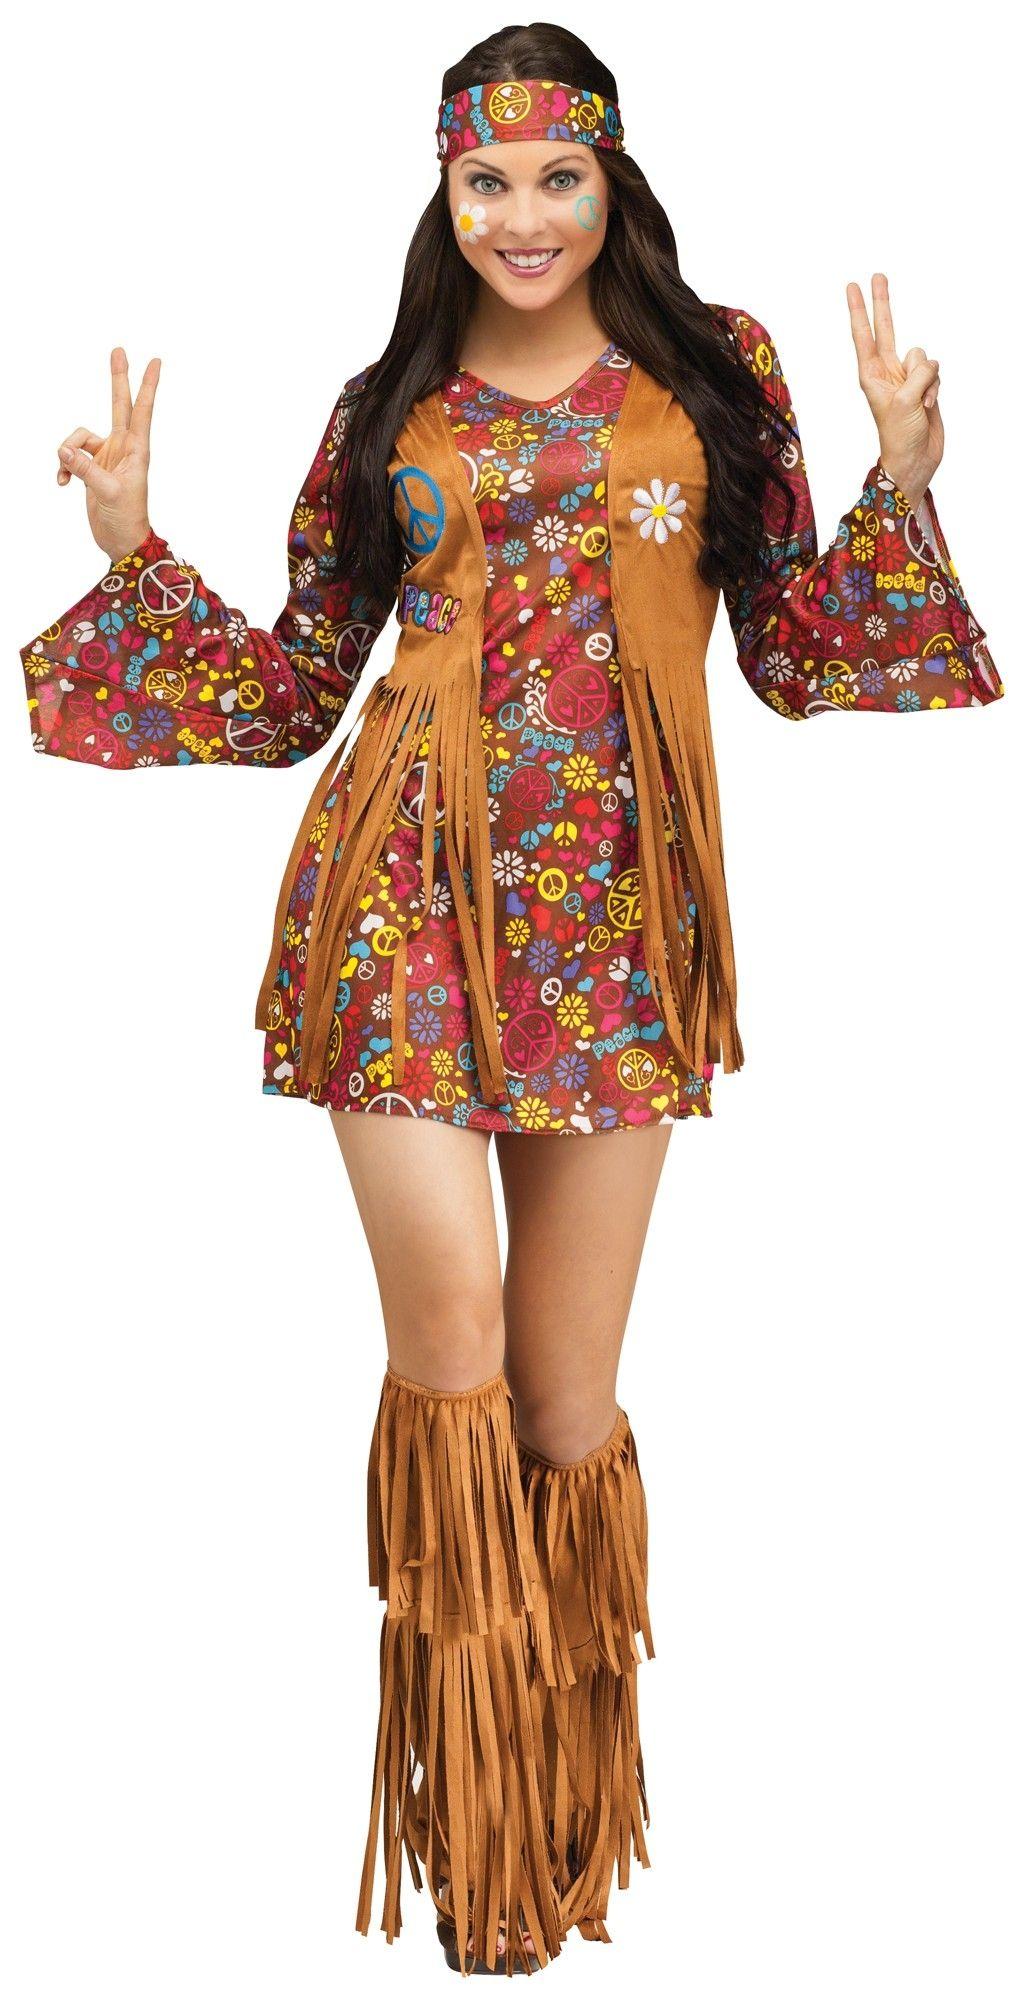 Костюм Хиппи Мир И Любовь (46-48) костюм цветочной хиппи 48